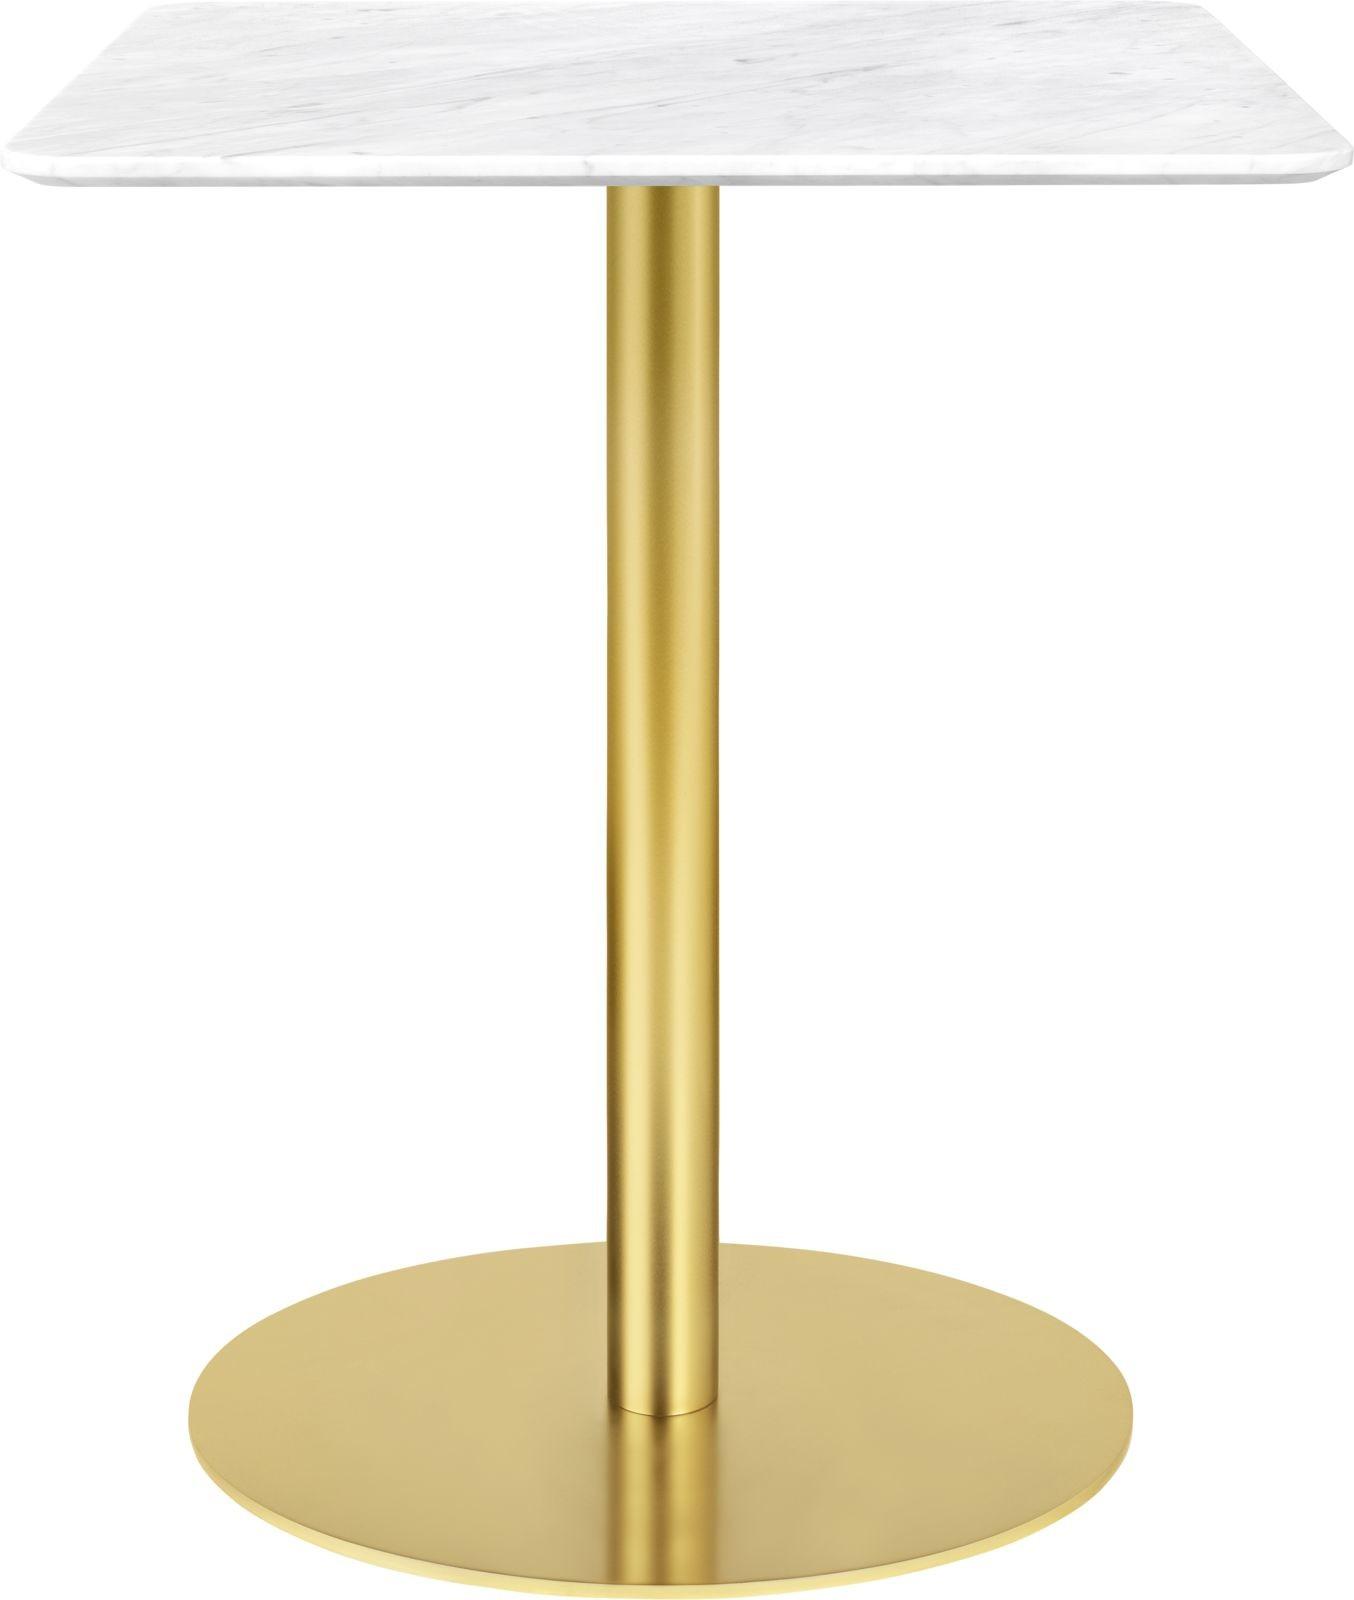 Gubi 1.0 Square Dining Table 60 x 60, Gubi Metal Brass, Gubi Marble Bianco Carrara